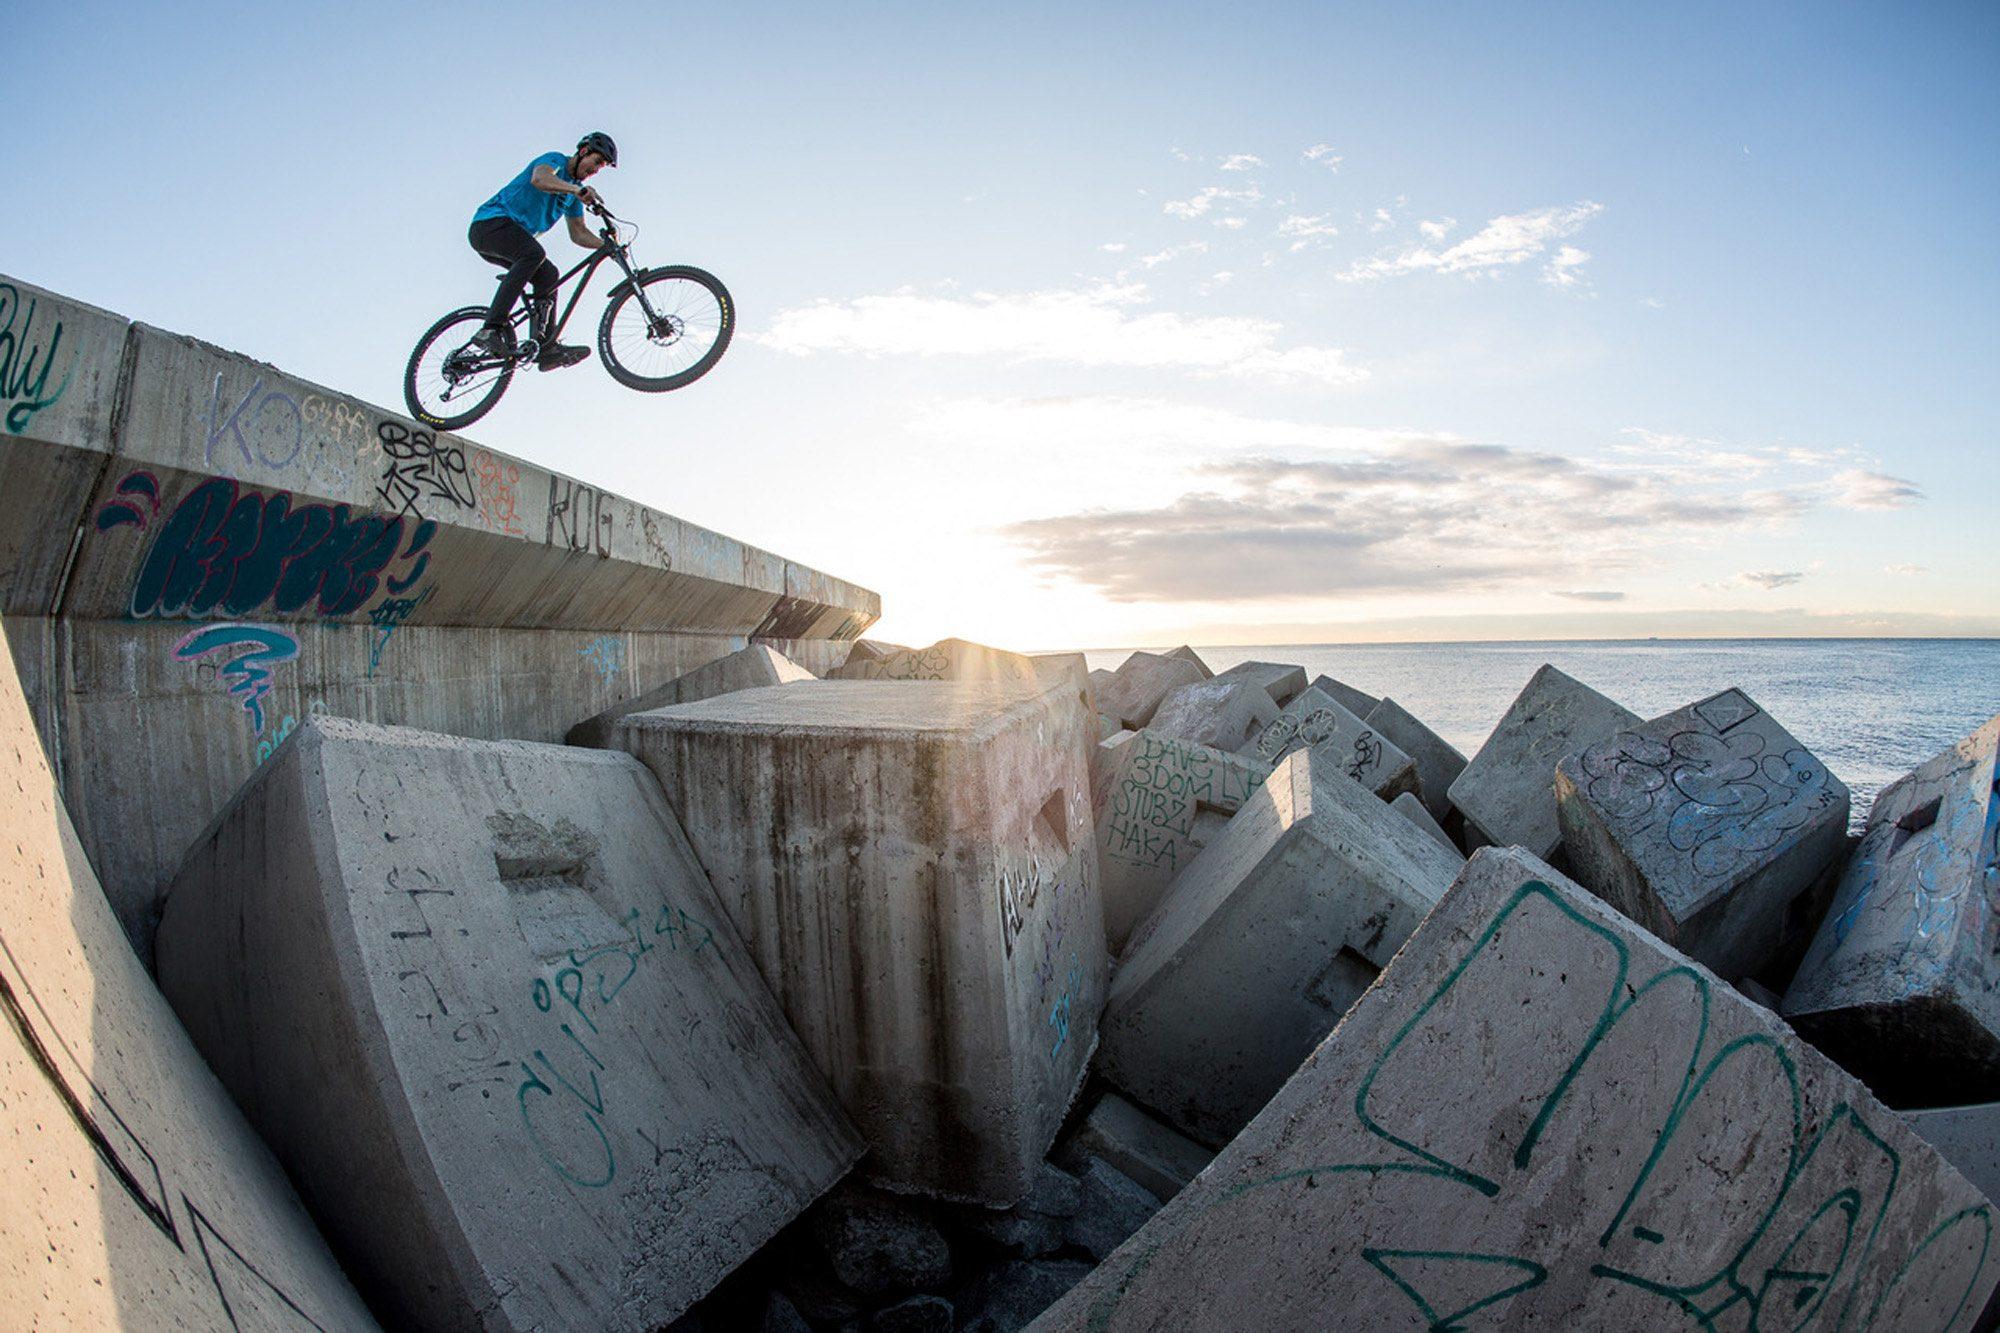 Dominik Raab springt von einer Mauer runter